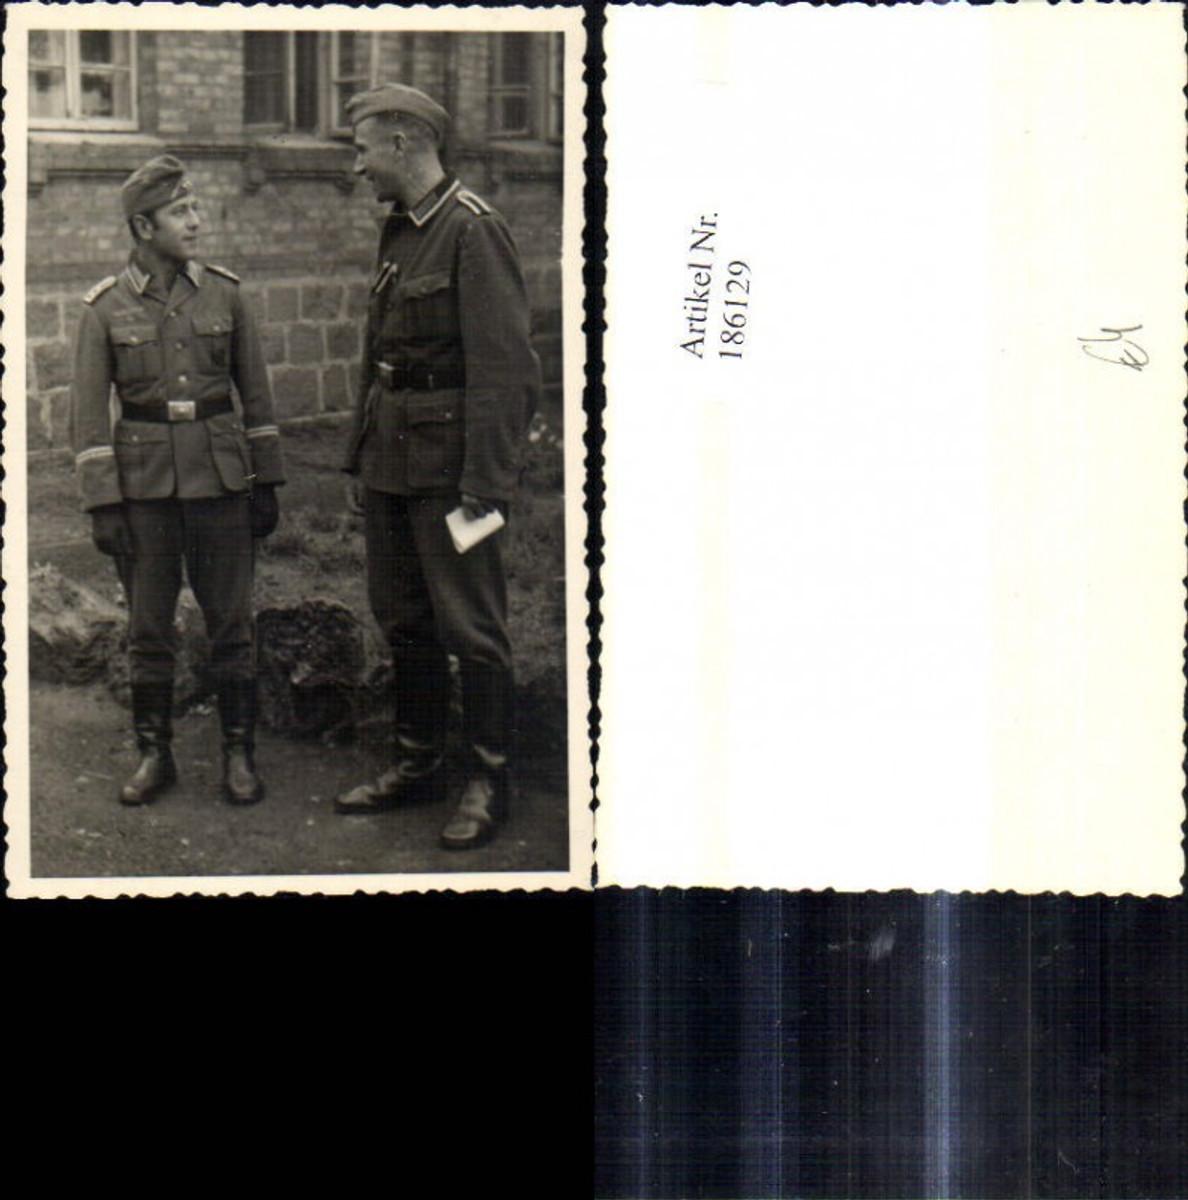 186129,Foto WW2 Soldaten Uniform Stiefel Gürtel Gürtelschnalle Wehrmacht günstig online kaufen